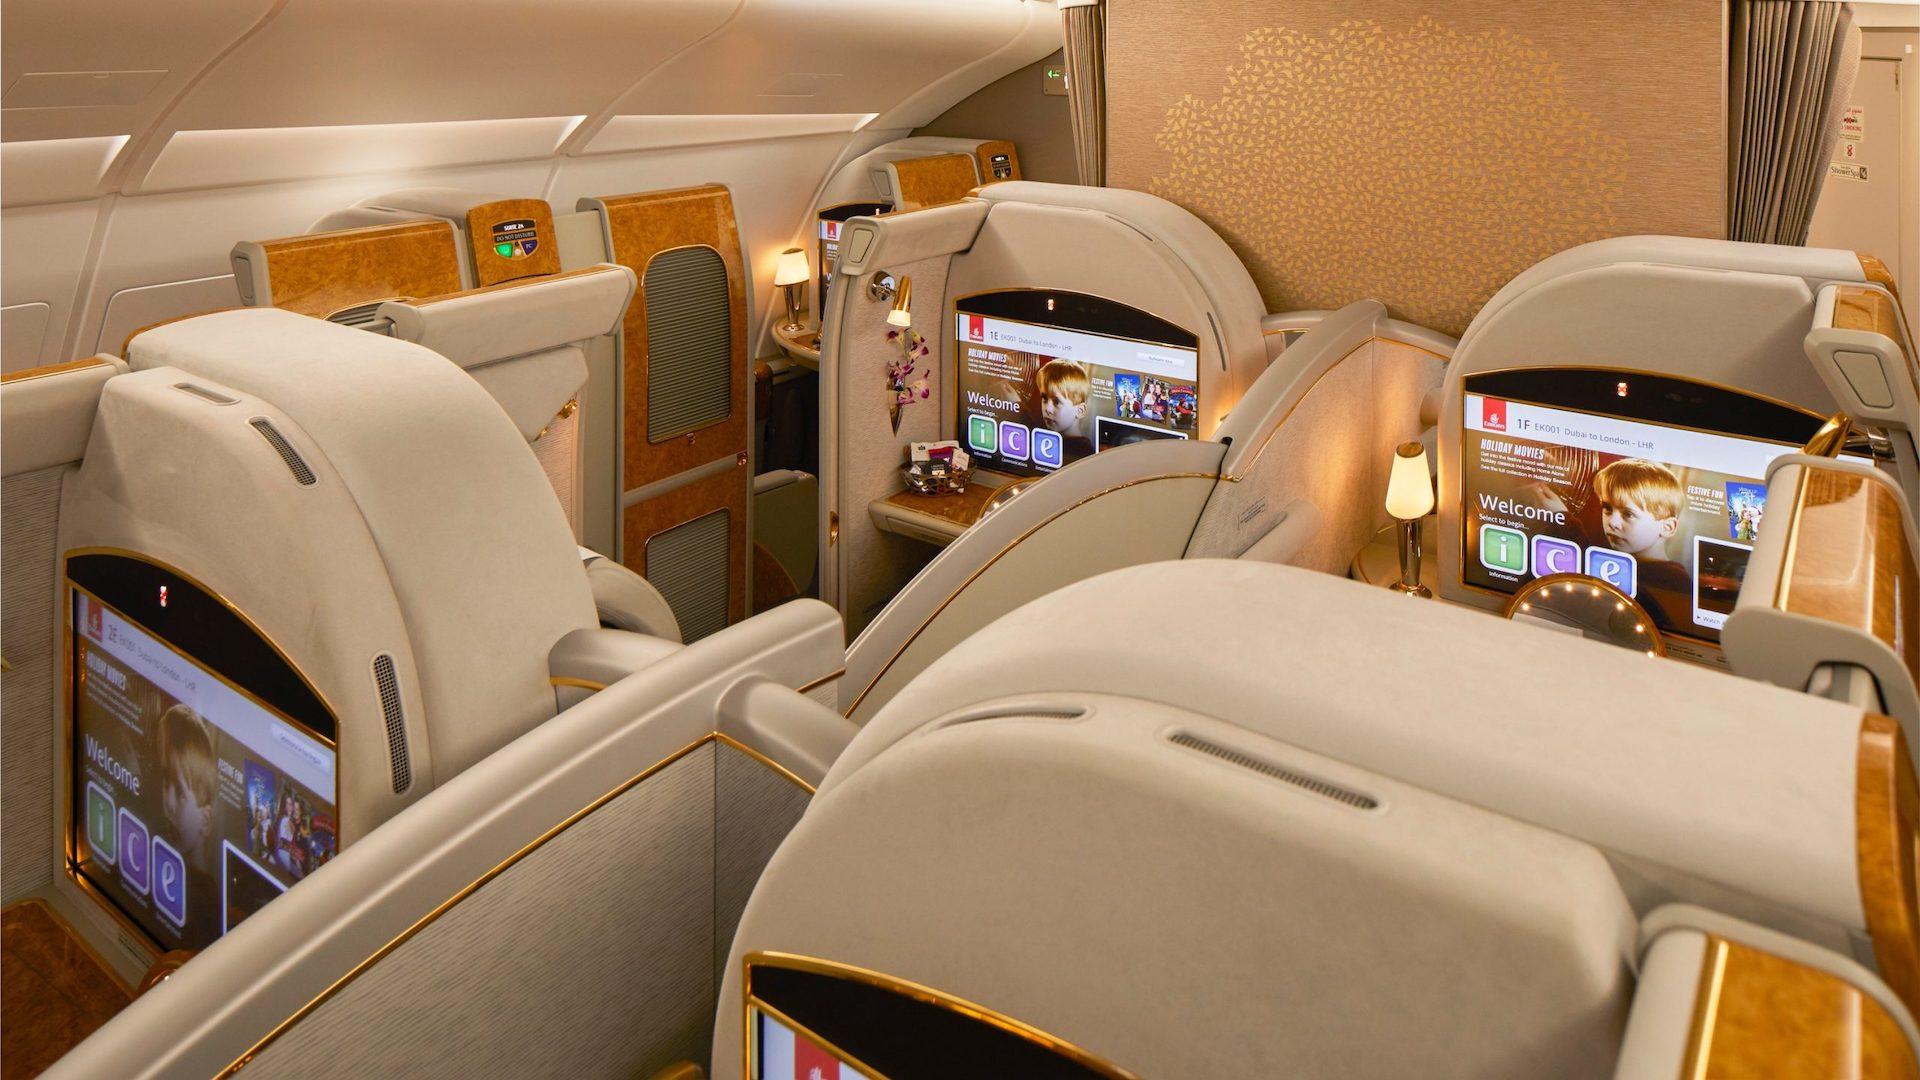 ¿Cuál es la mejor aerolínea del mundo 2021? Fácil de adivinar